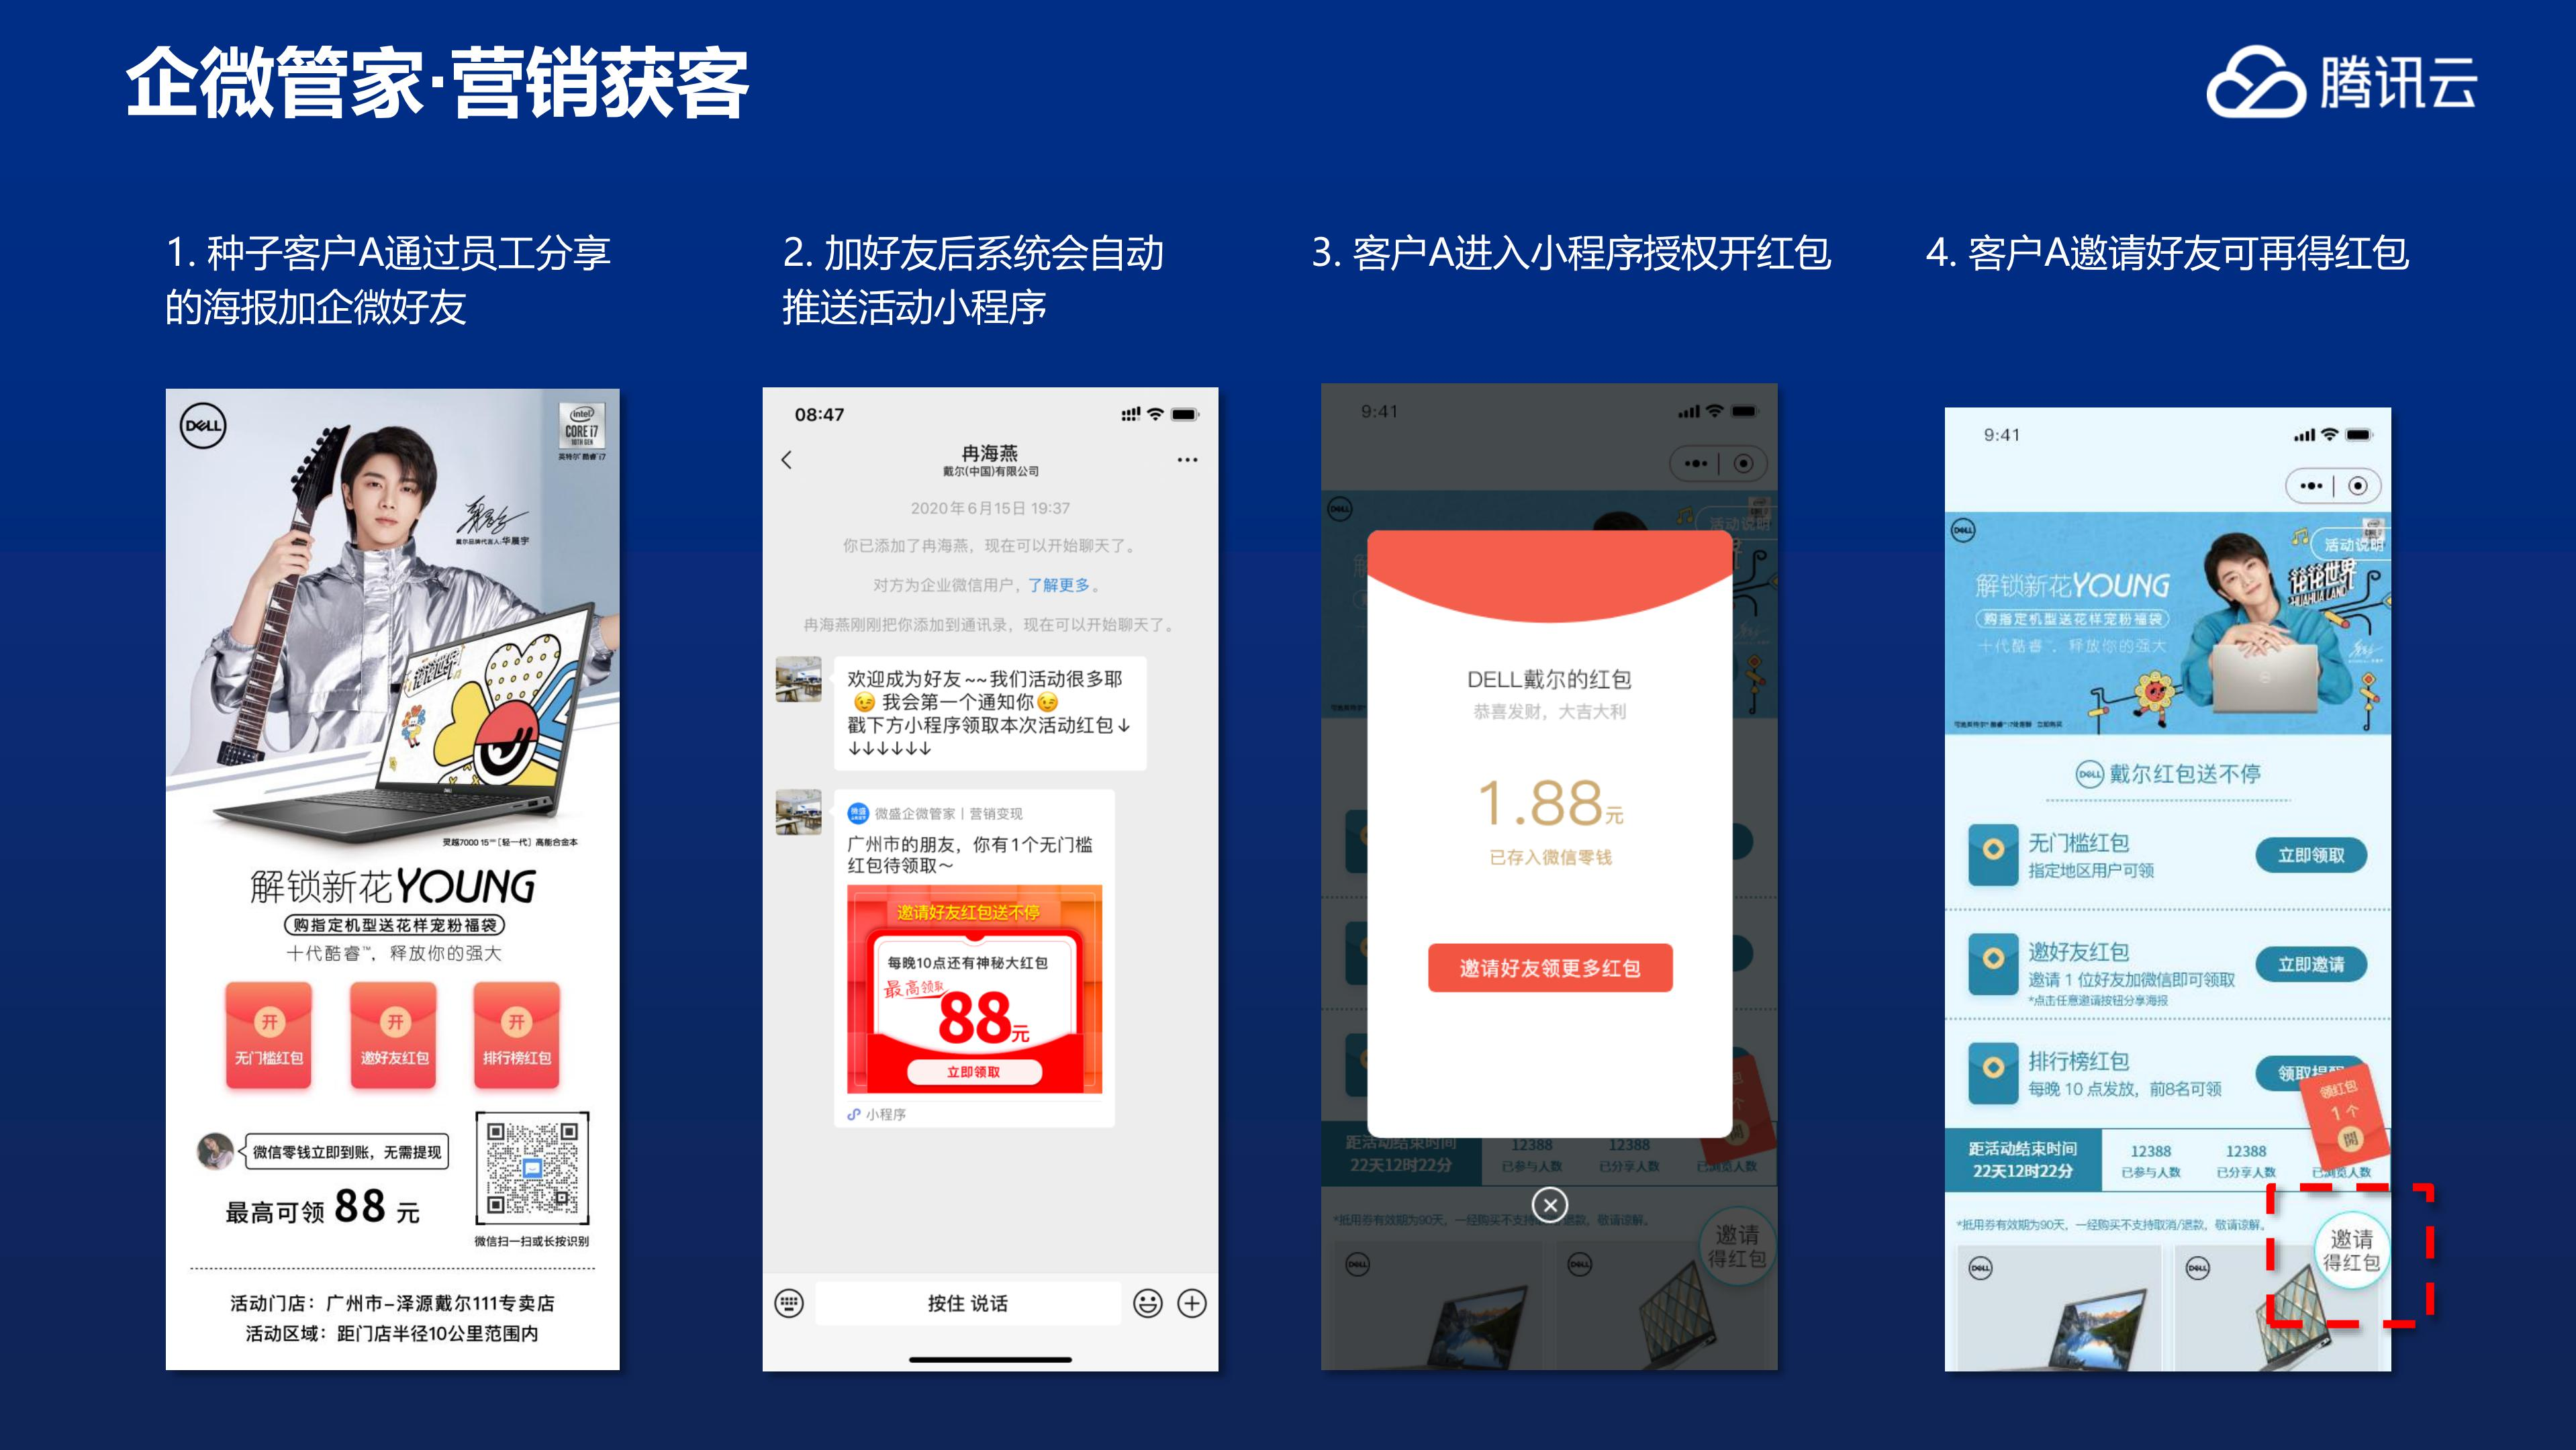 腾讯云企微管家产品介绍_24.jpg